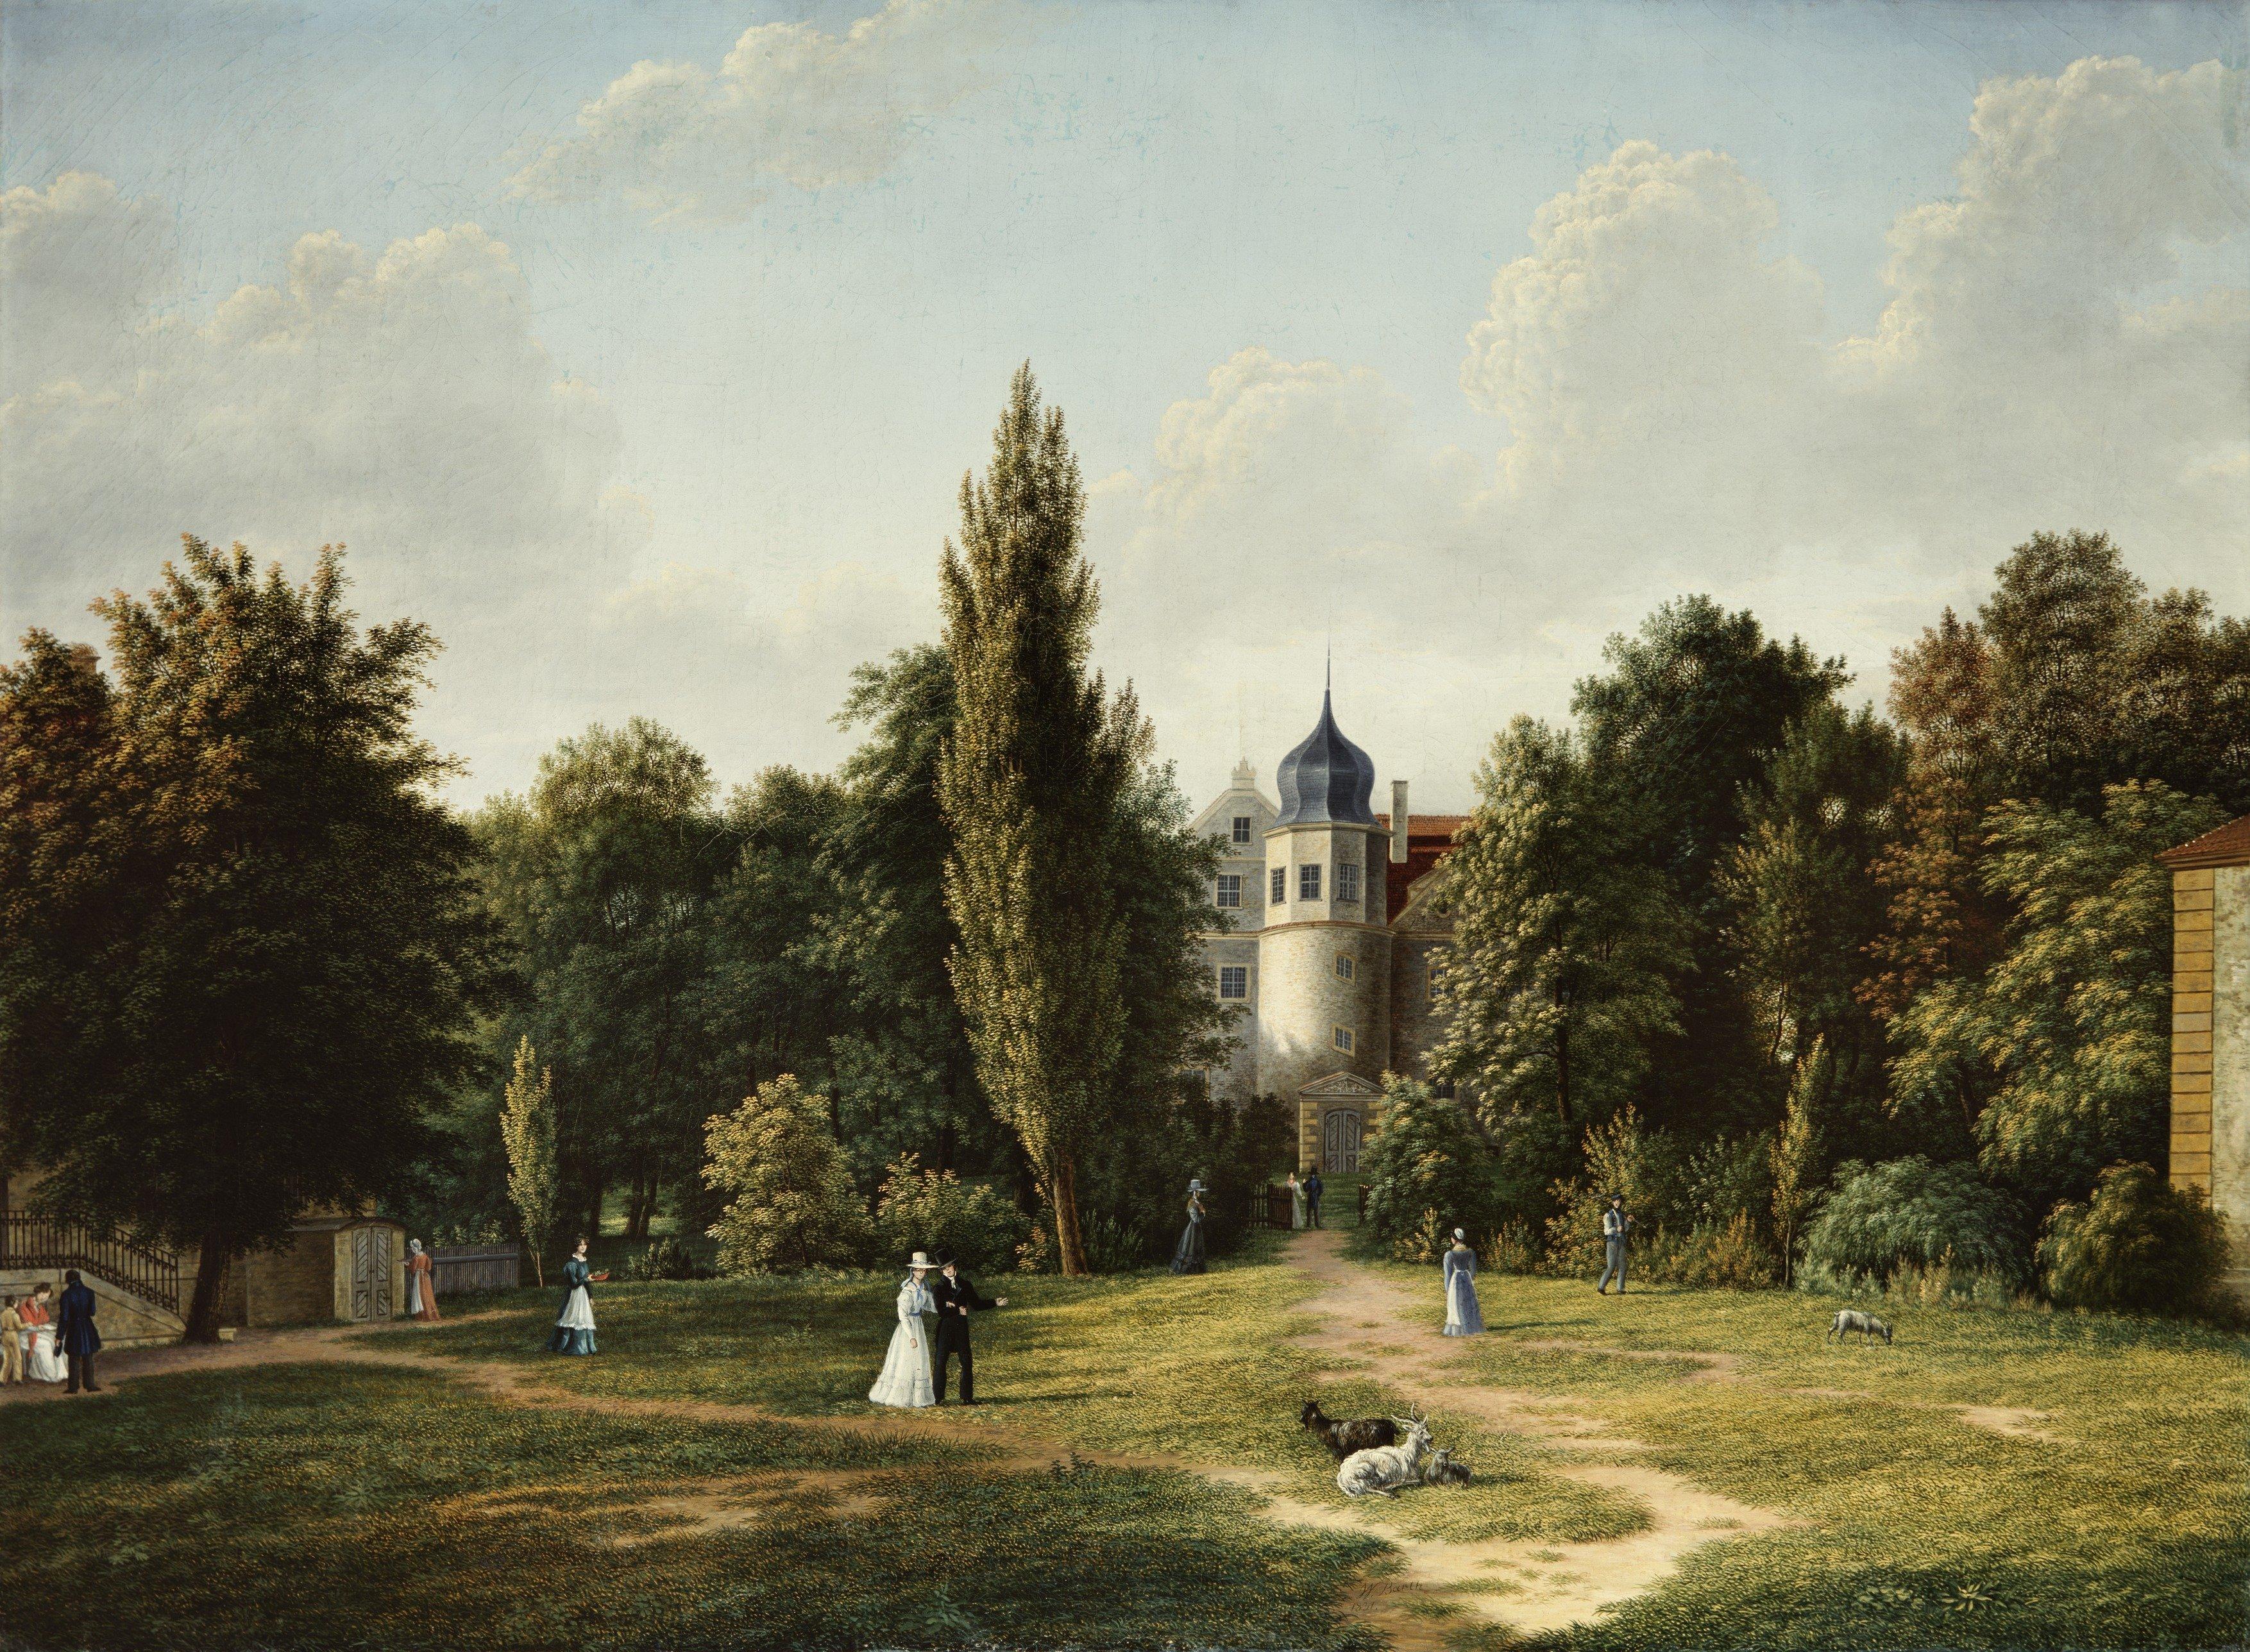 quot;Das verzauberte Schlossquot;. Eine Pfingstfahrt mit Theodor Fontane in den Teltow